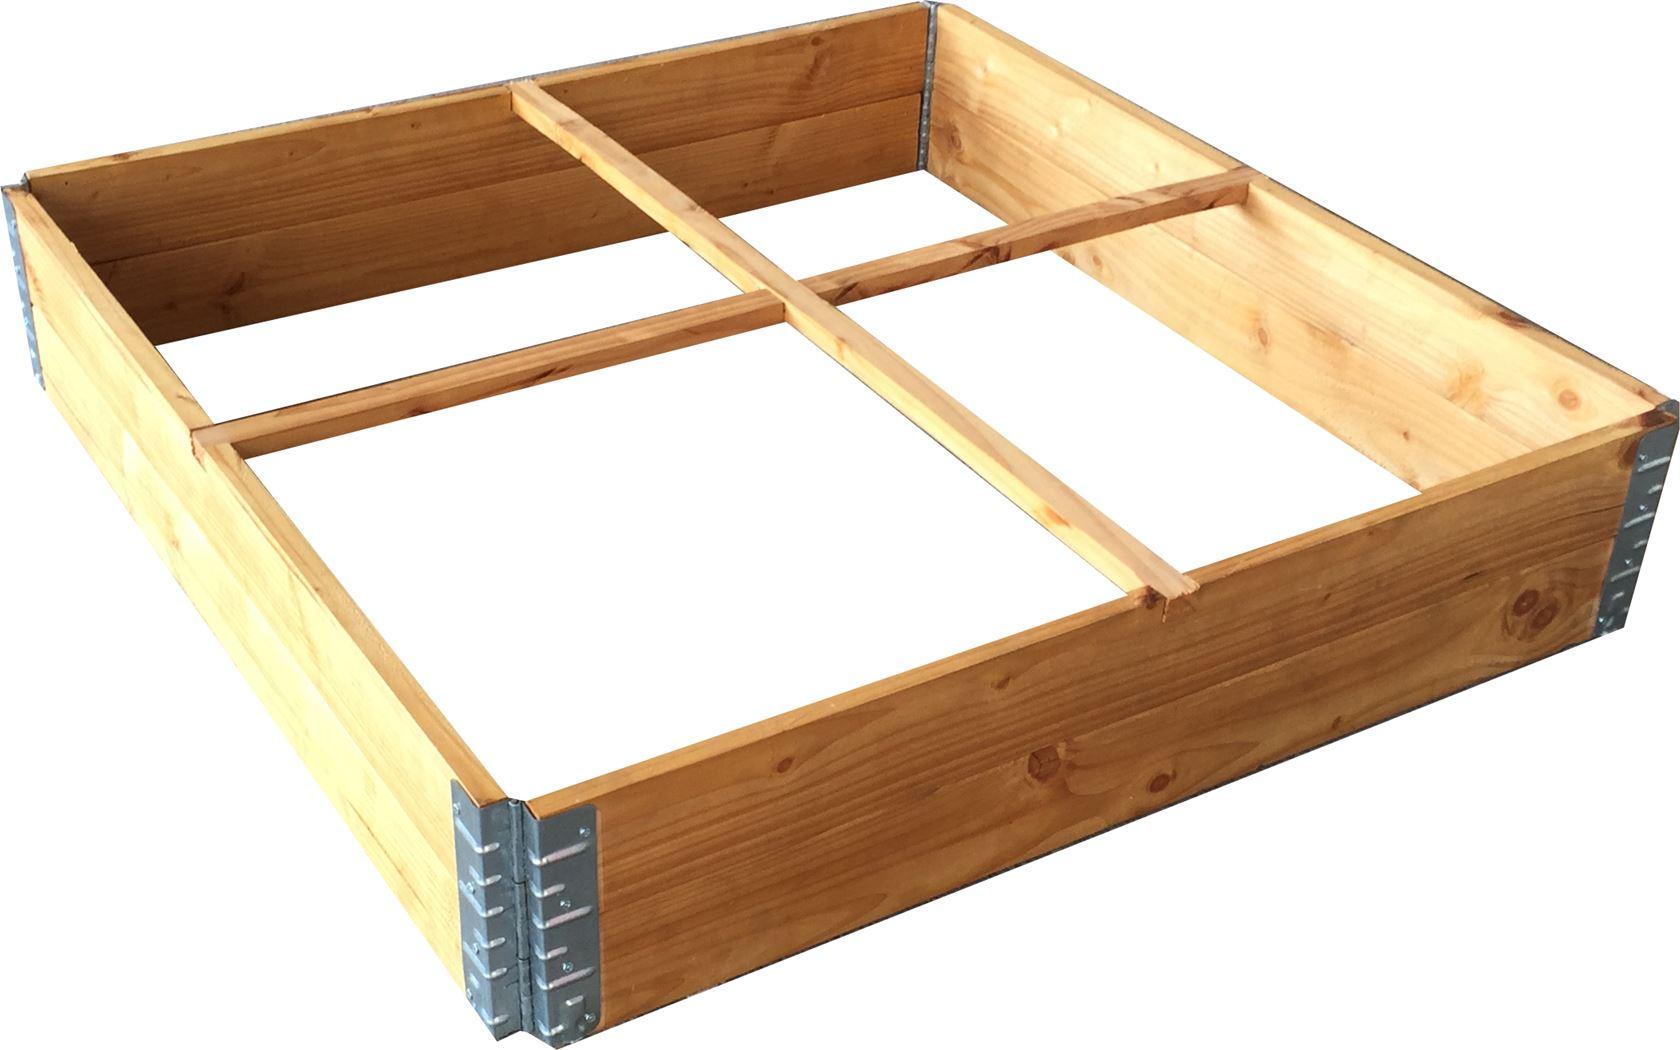 vierkante moestuin douglas met scharnieren en geotextiel